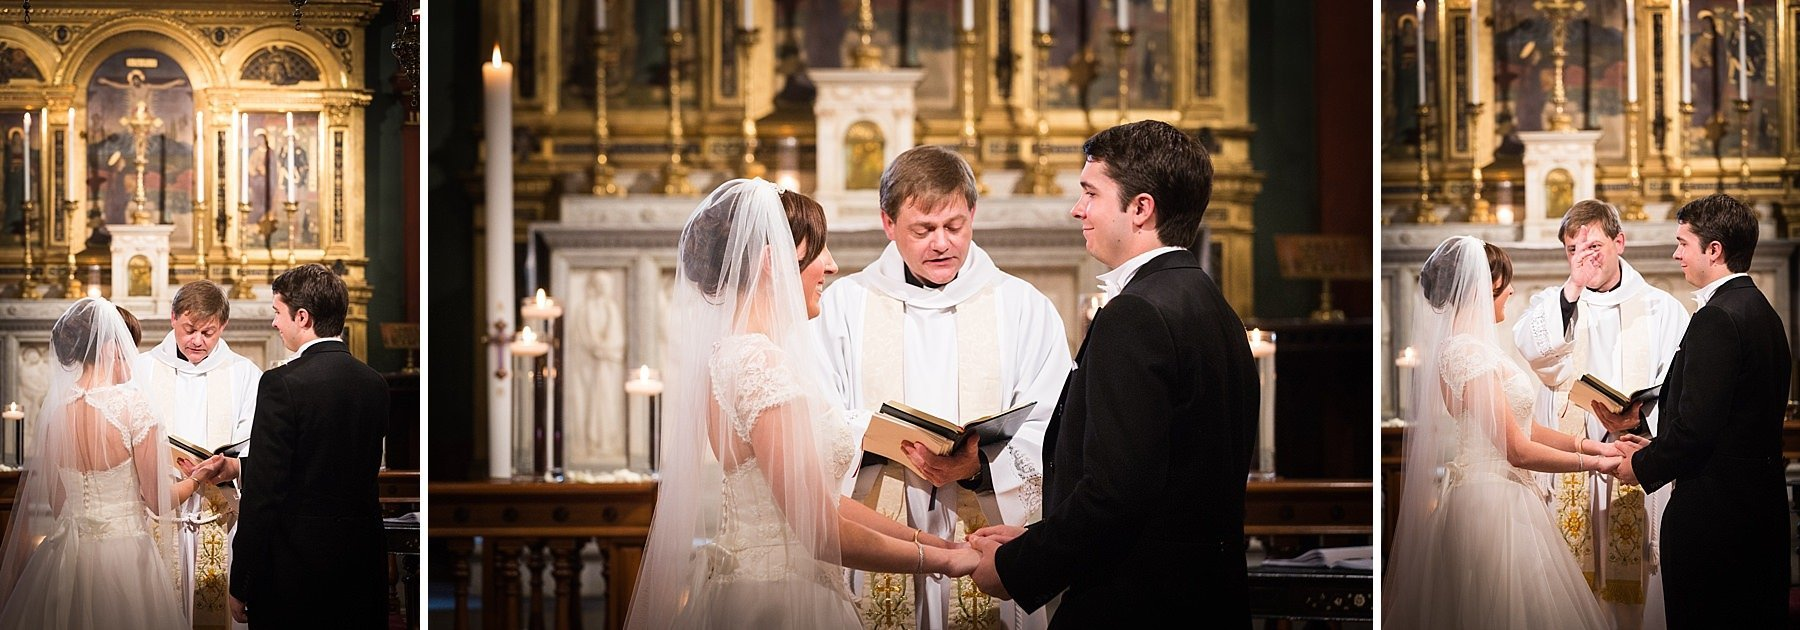 fotografia di matrimonio a Firenze in Toscana